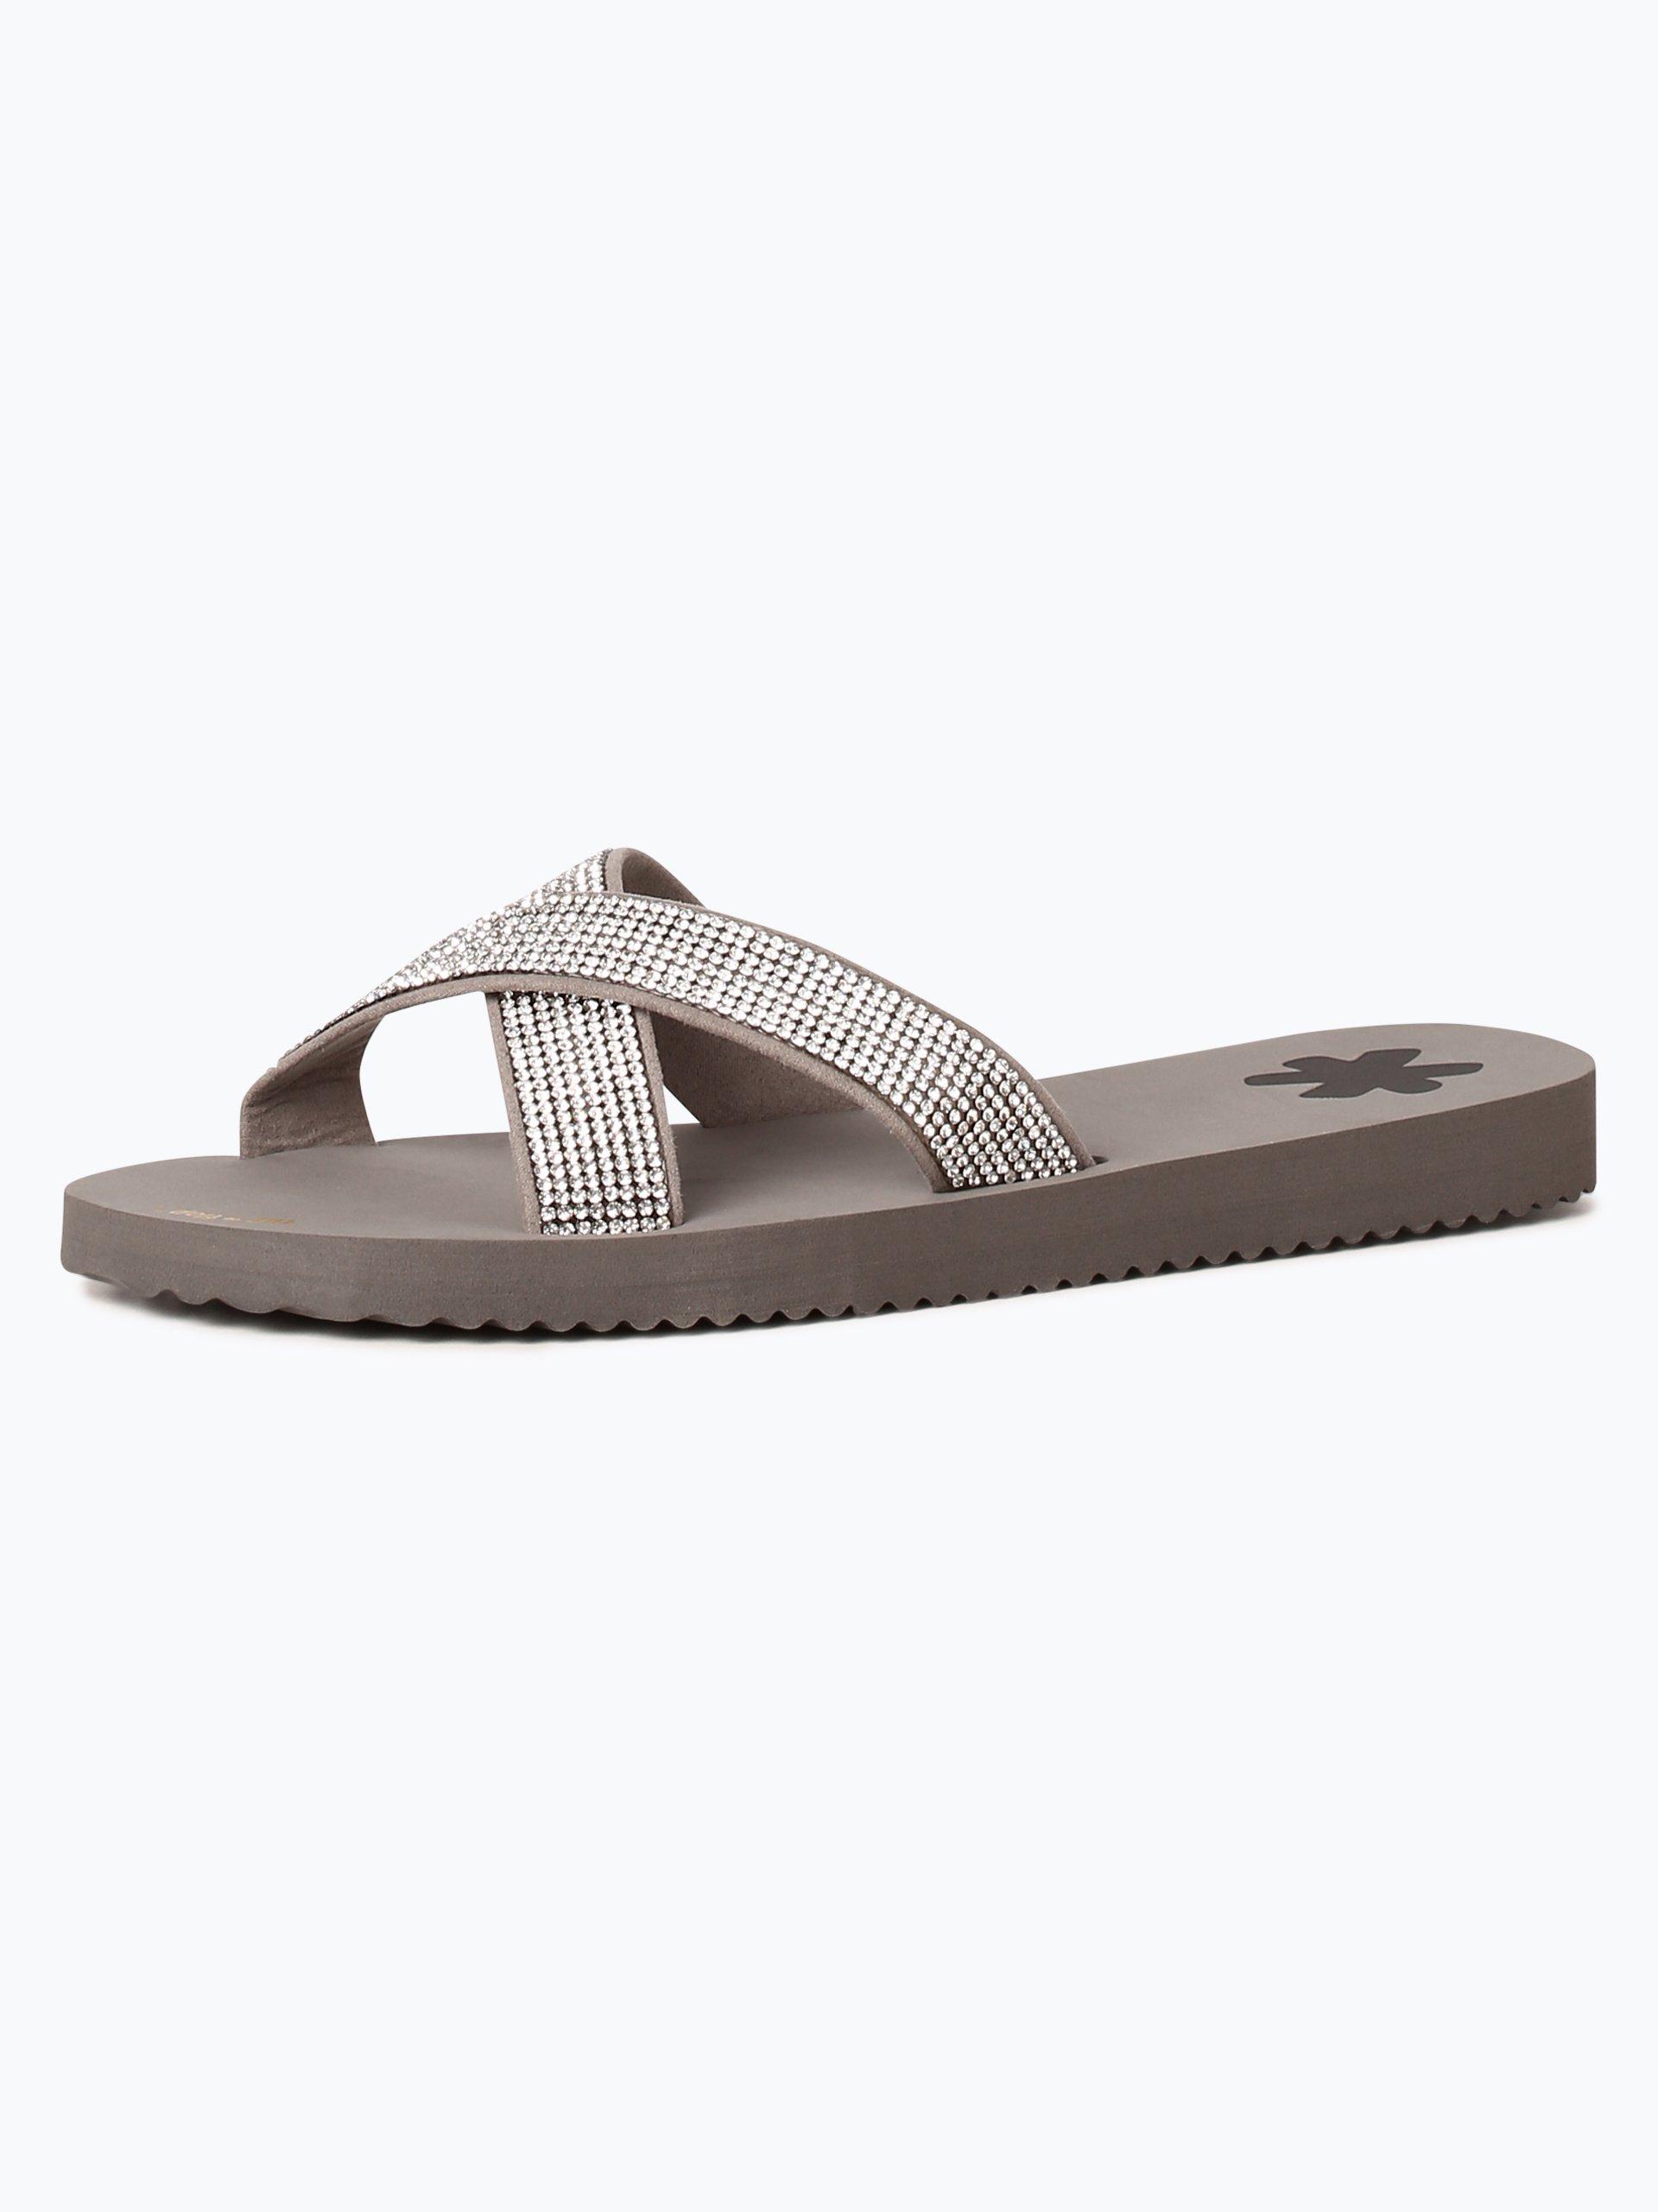 Flip Flop Damskie pantofle kąpielowe kup online   VANGRAAF.COM